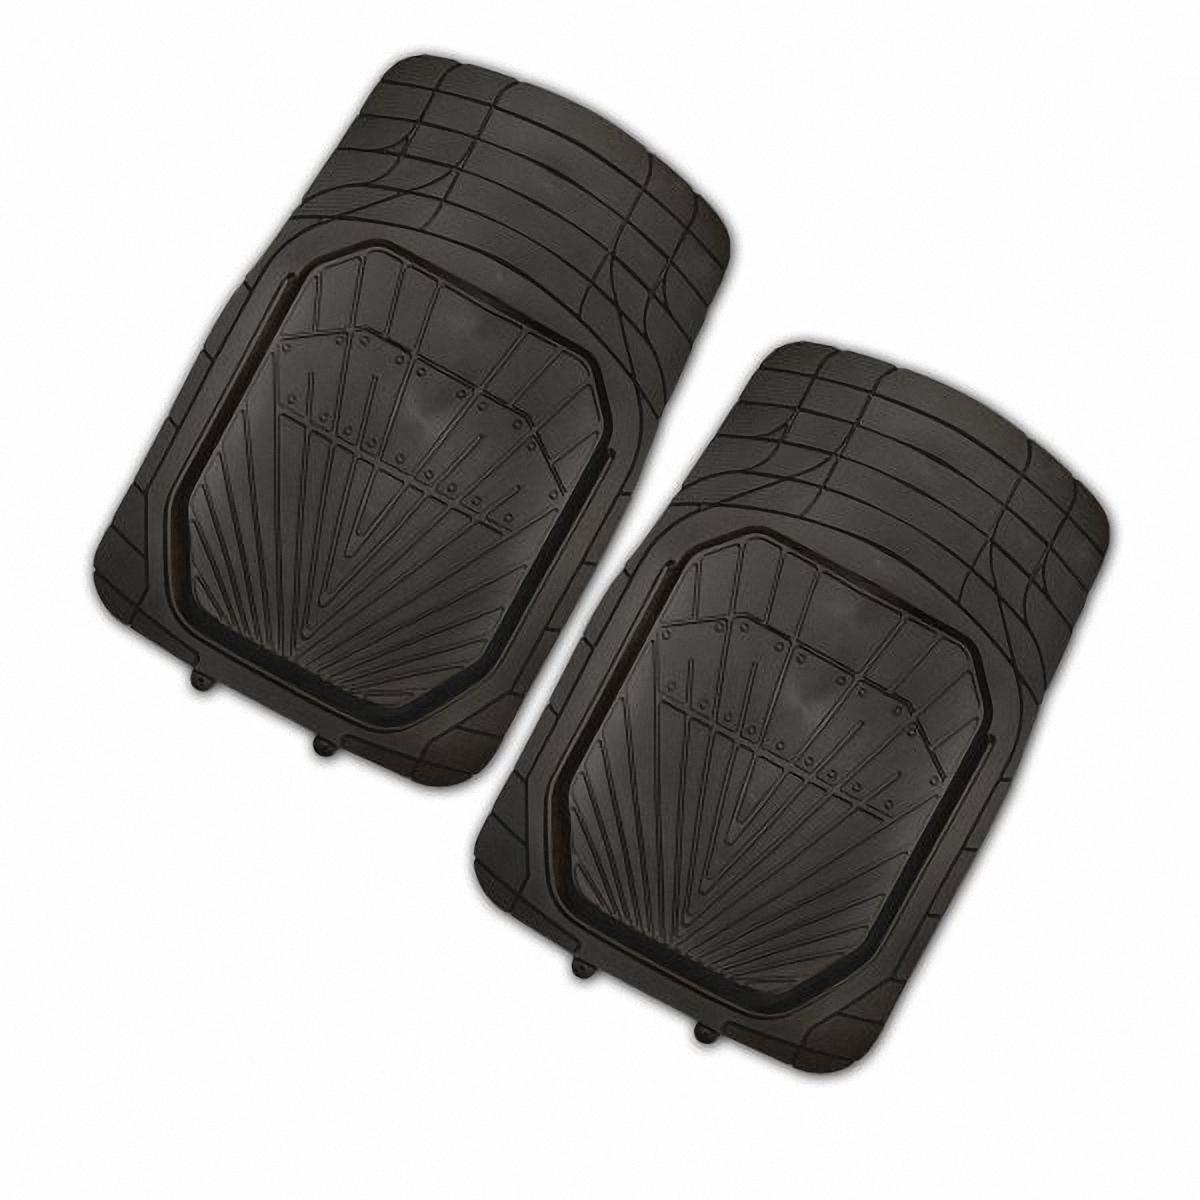 Коврик в салон автомобиля Skyway, передний, цвет: черный, 77 х 52 см, 2 штS01701022Комплект универсальных передних ковриков салона в форме ванночки сохраняет эластичность даже при экстремально низких и высоких температурах (от -50°С до +50°С). Обладает повышенной устойчивостью к износу и агрессивным средам, таким как антигололёдные реагенты, масло и топливо. Усовершенствованная конструкция изделия обеспечивает плотное прилегание и надёжную фиксацию коврика на полу автомобиля.Размер: 77 х 52 см.Комплектация: 2 шт.